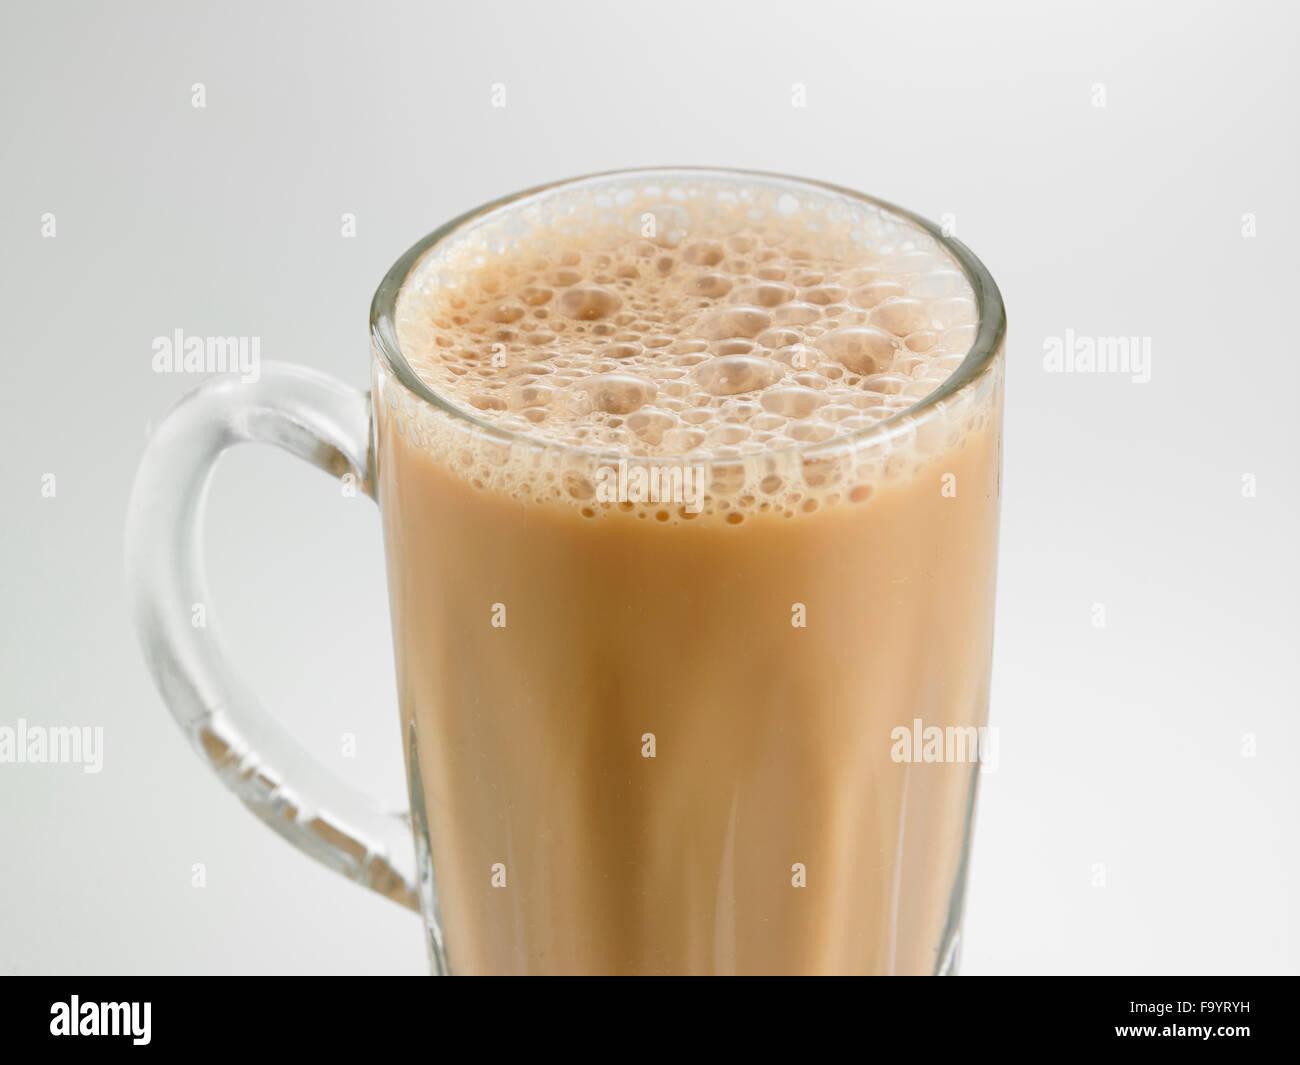 how to make teh tarik malaysia